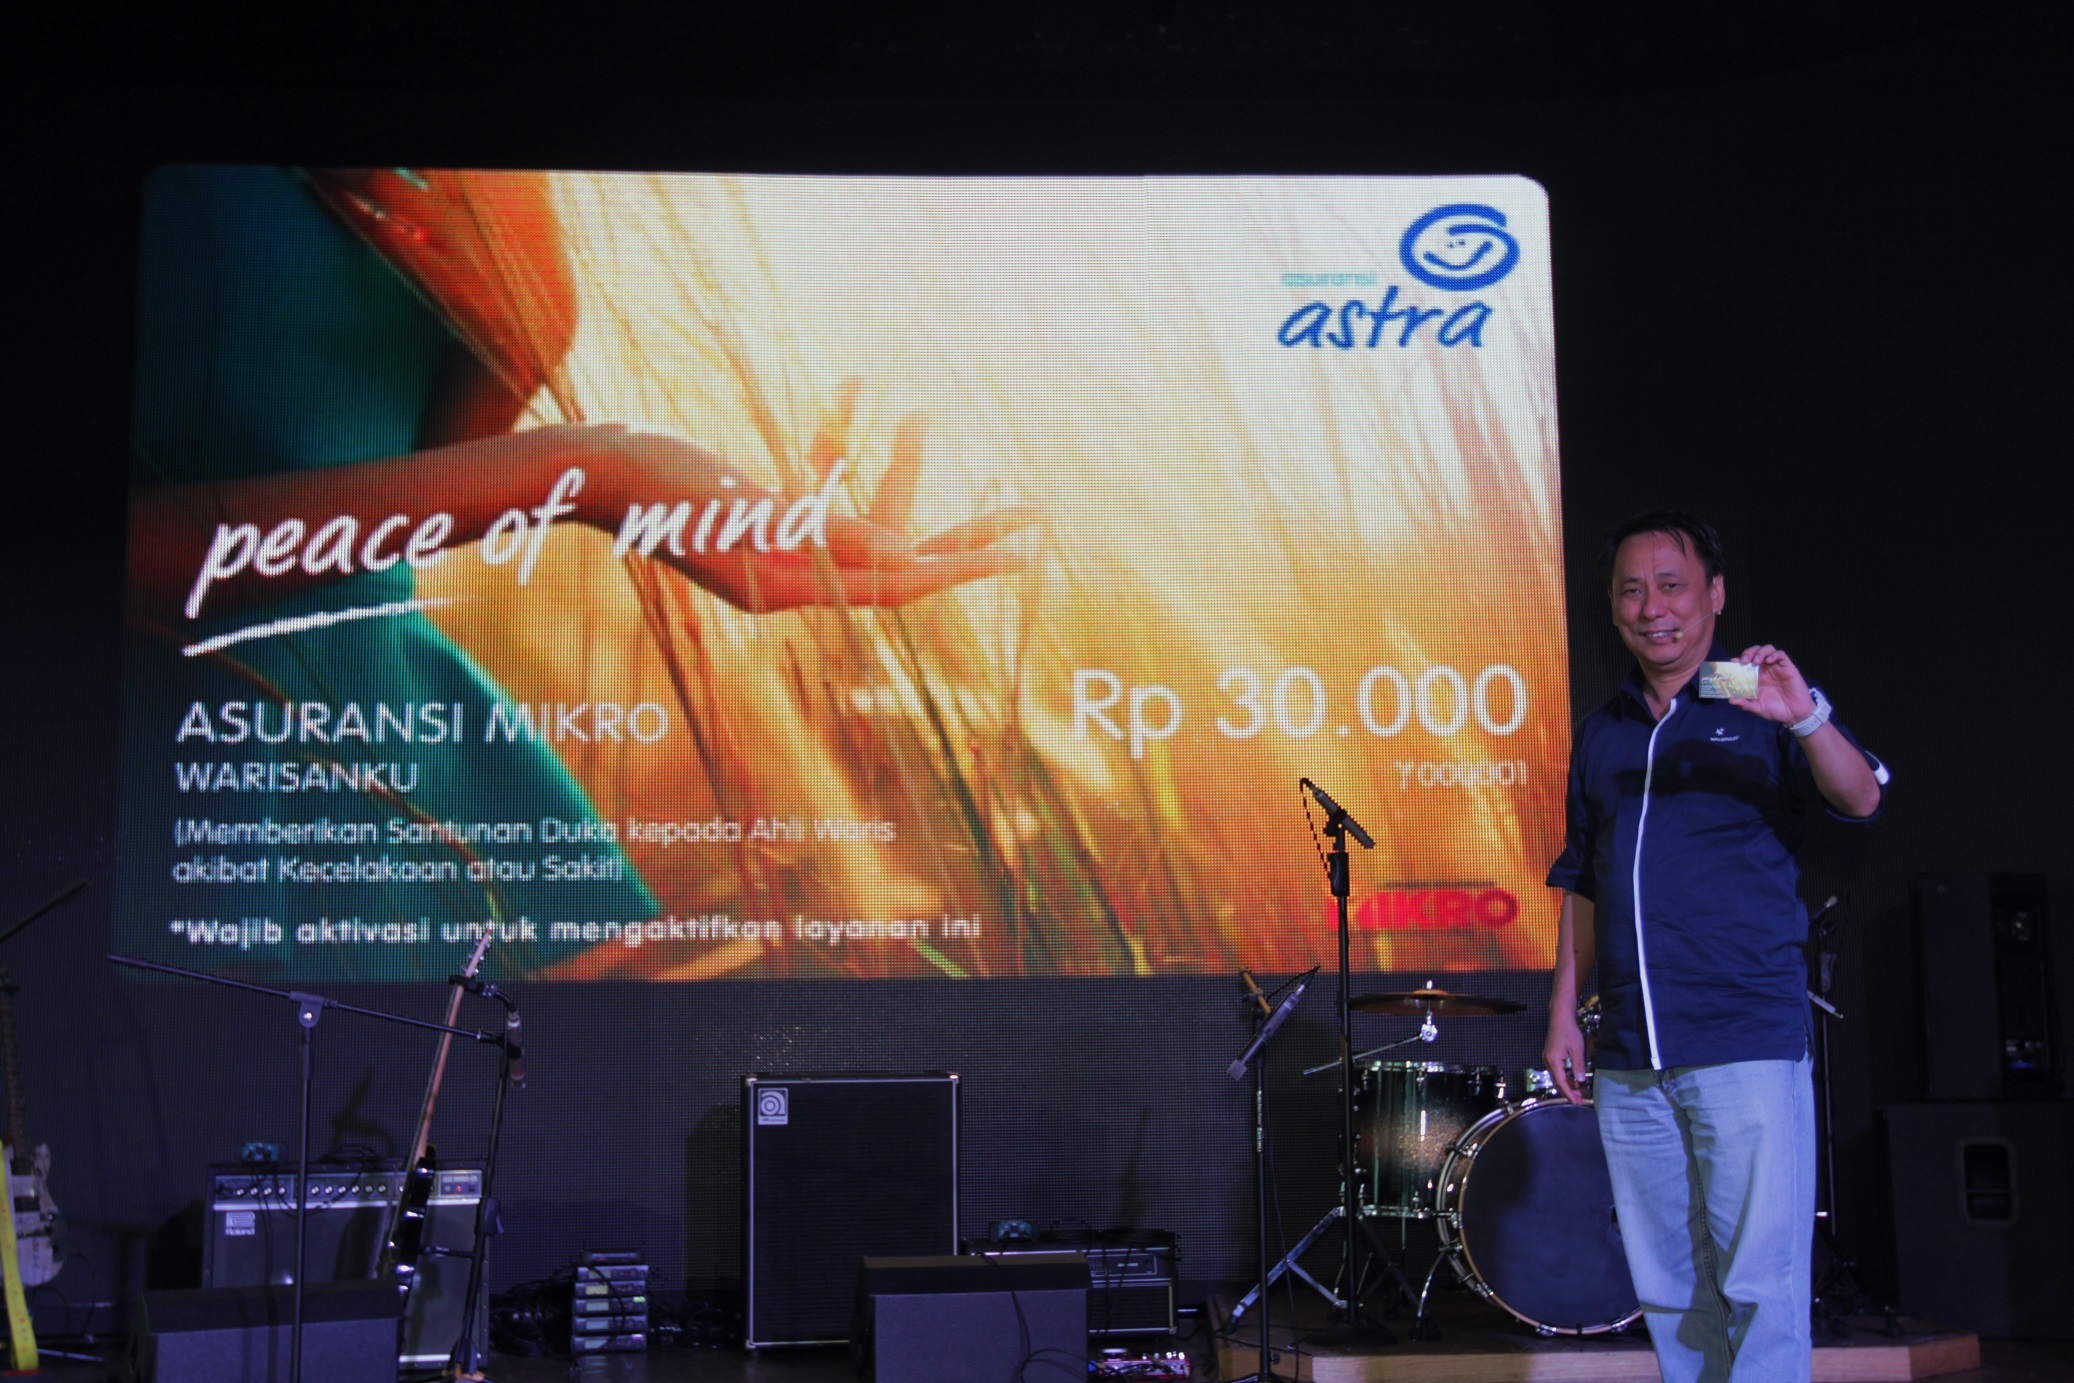 Asuransi Astra luncurkan Asuransi Mikro